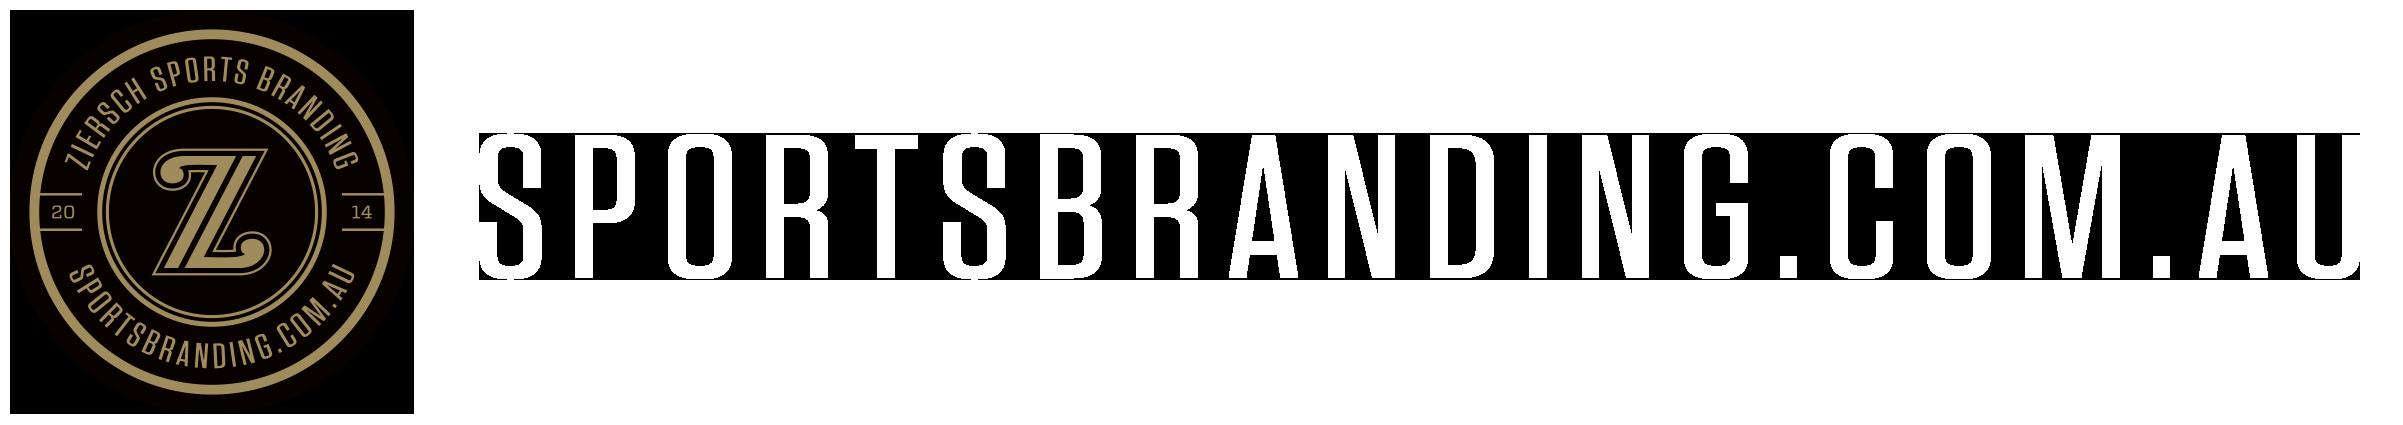 Ziersch Sports Branding